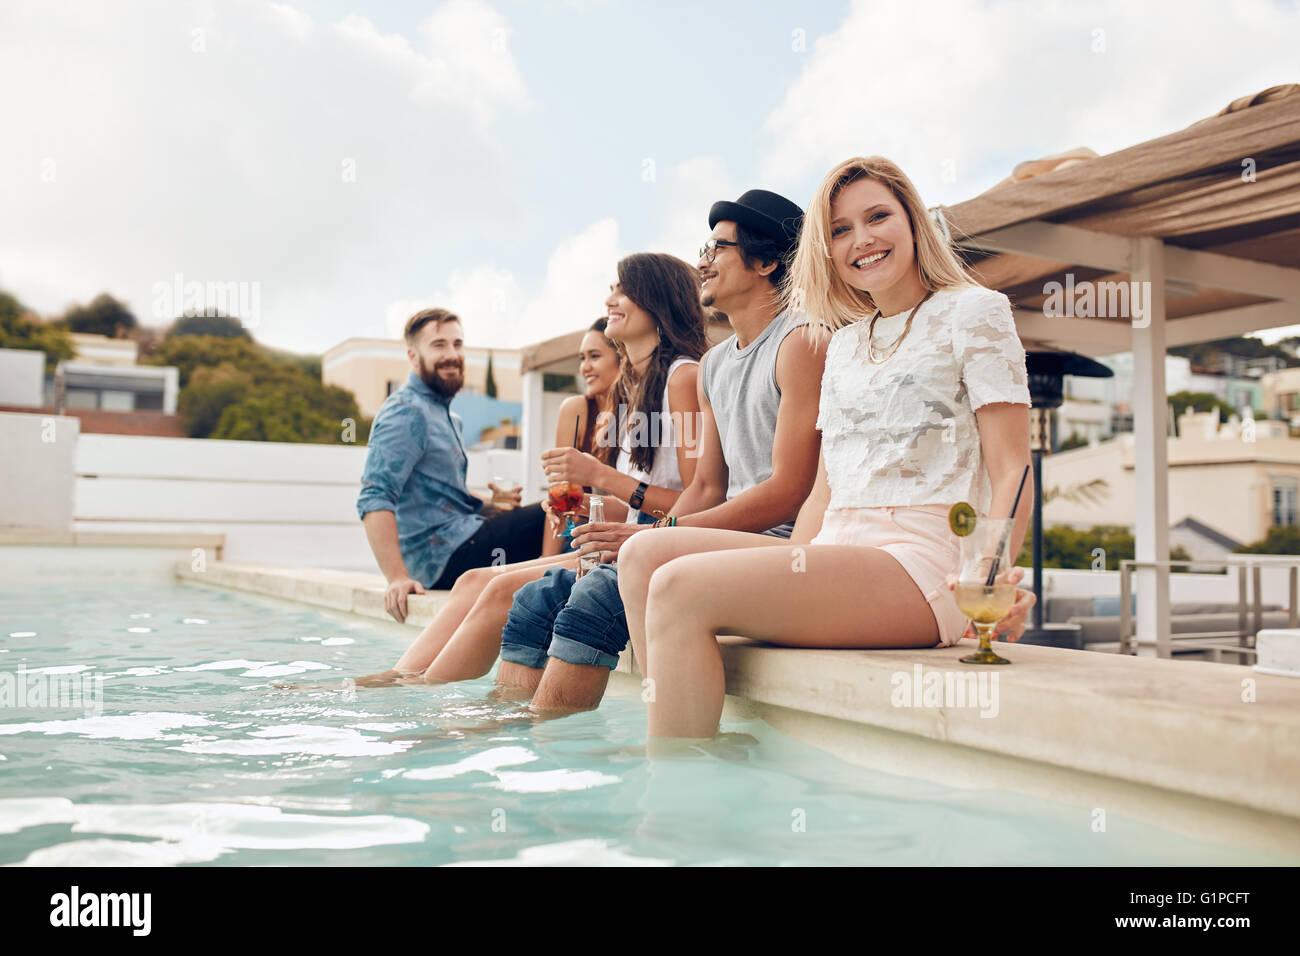 Ritratto di felice giovane donna seduti a bordo piscina con i suoi amici di festa. Giovani relax presso la piscina Immagini Stock